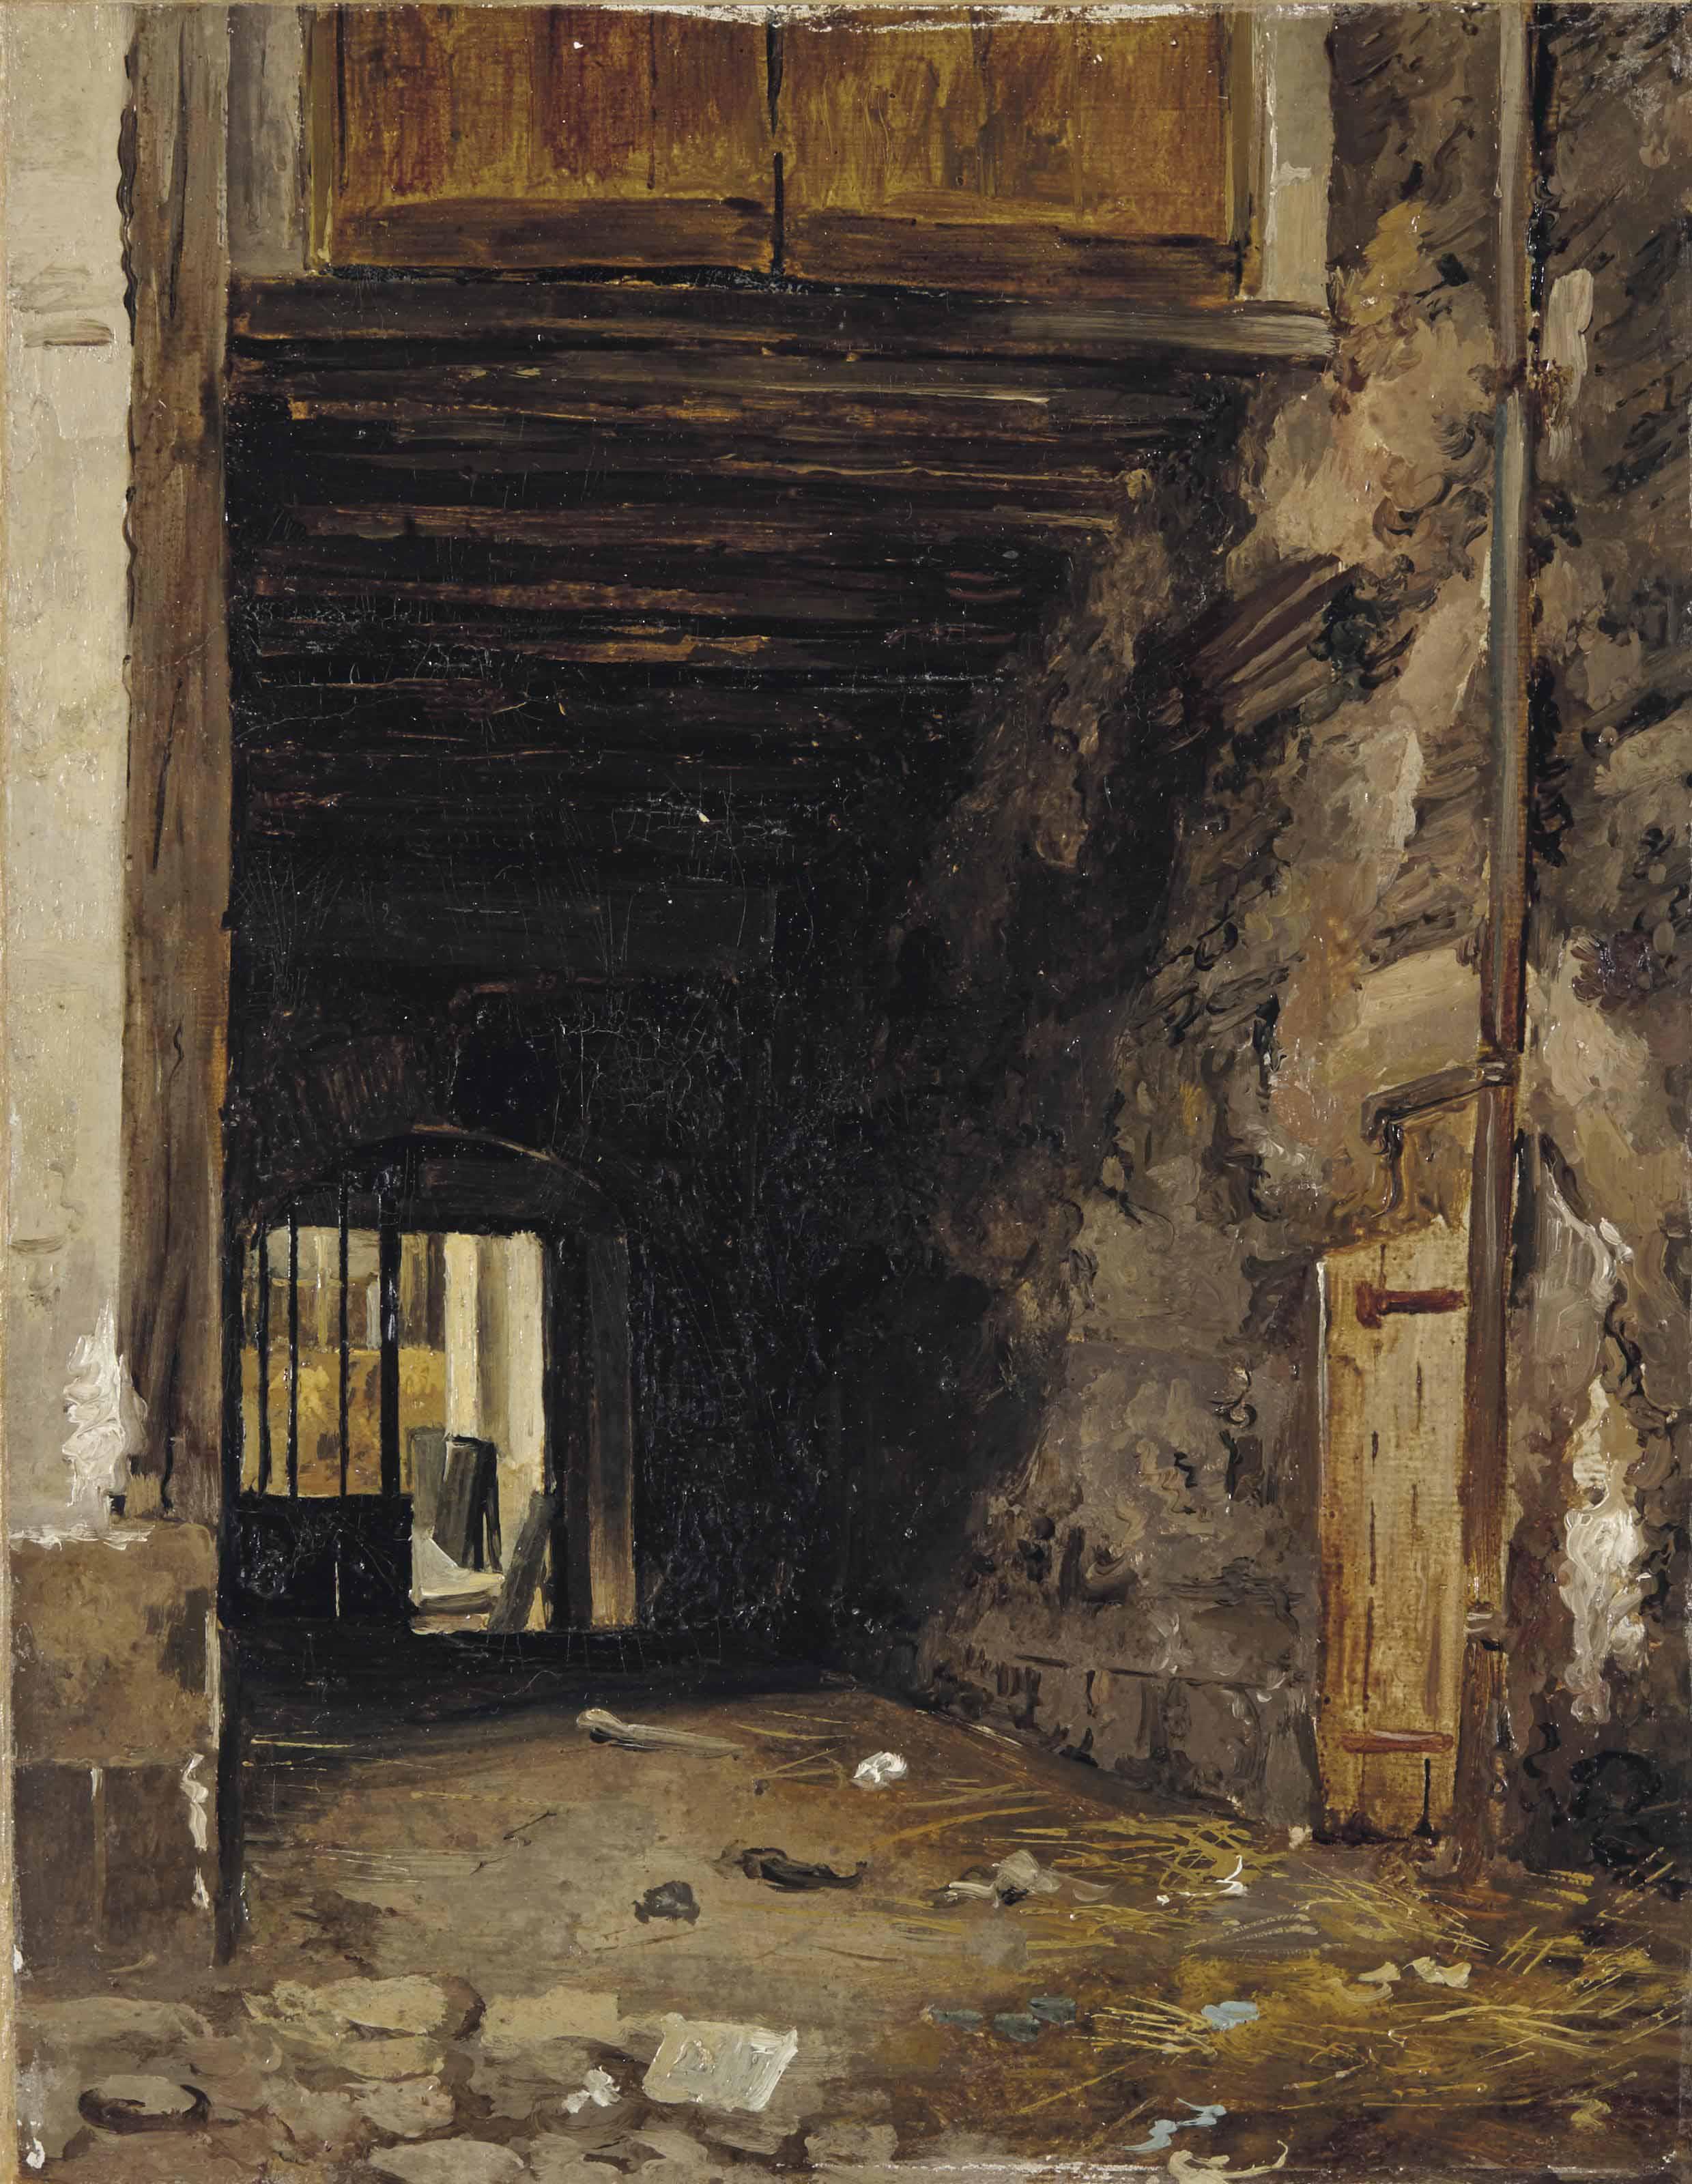 L'entrée d'une cour